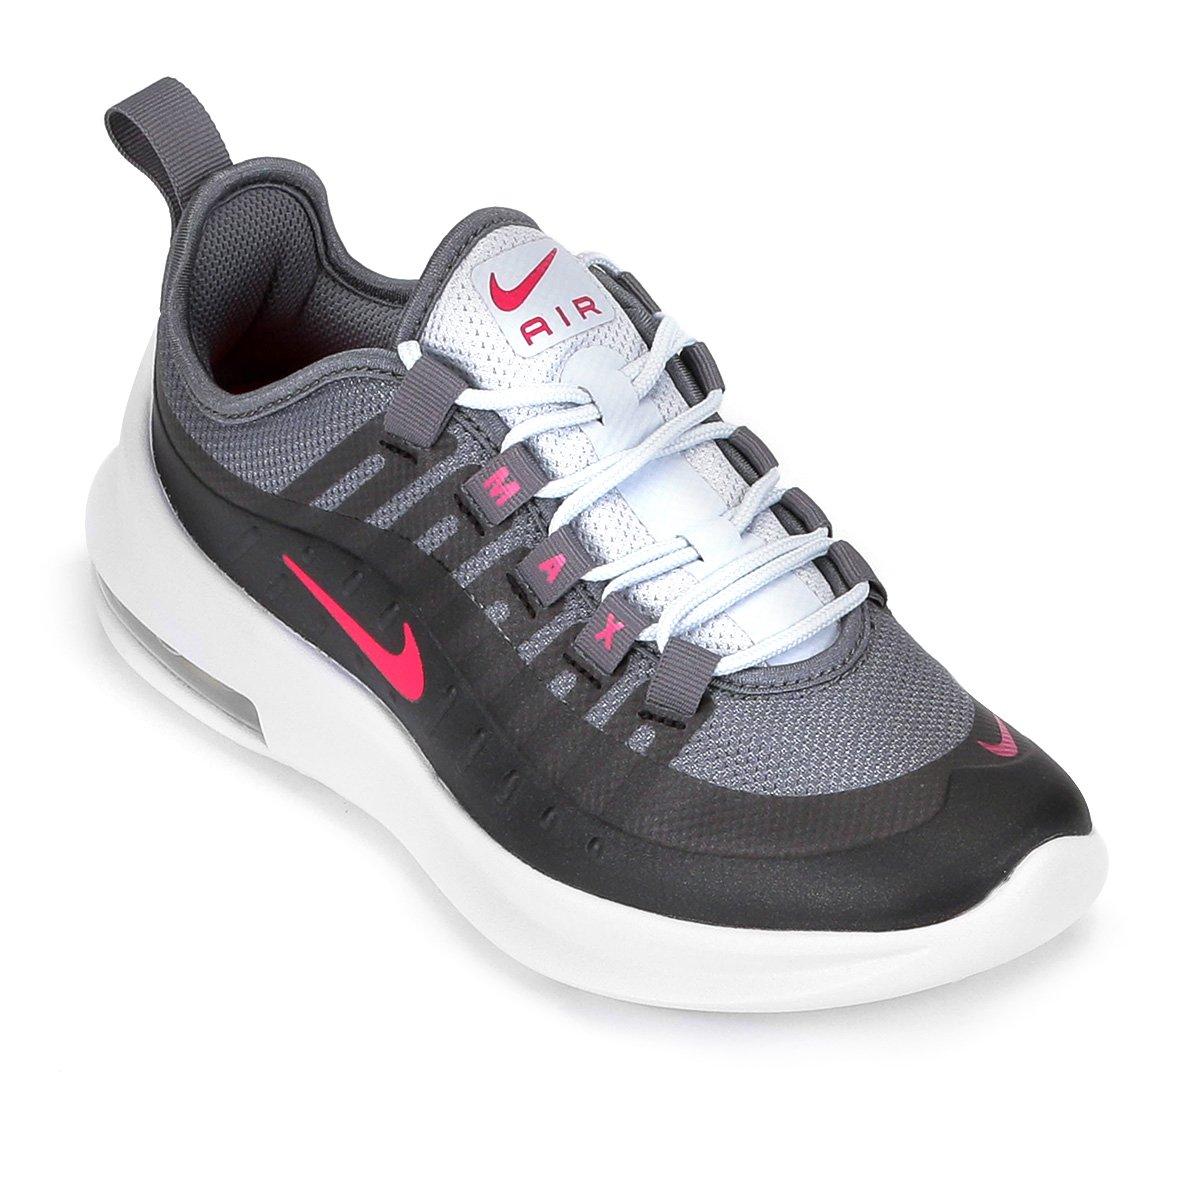 7e3aaa1c60a Tênis Infantil Nike Infantil Air Max Axis - Compre Agora